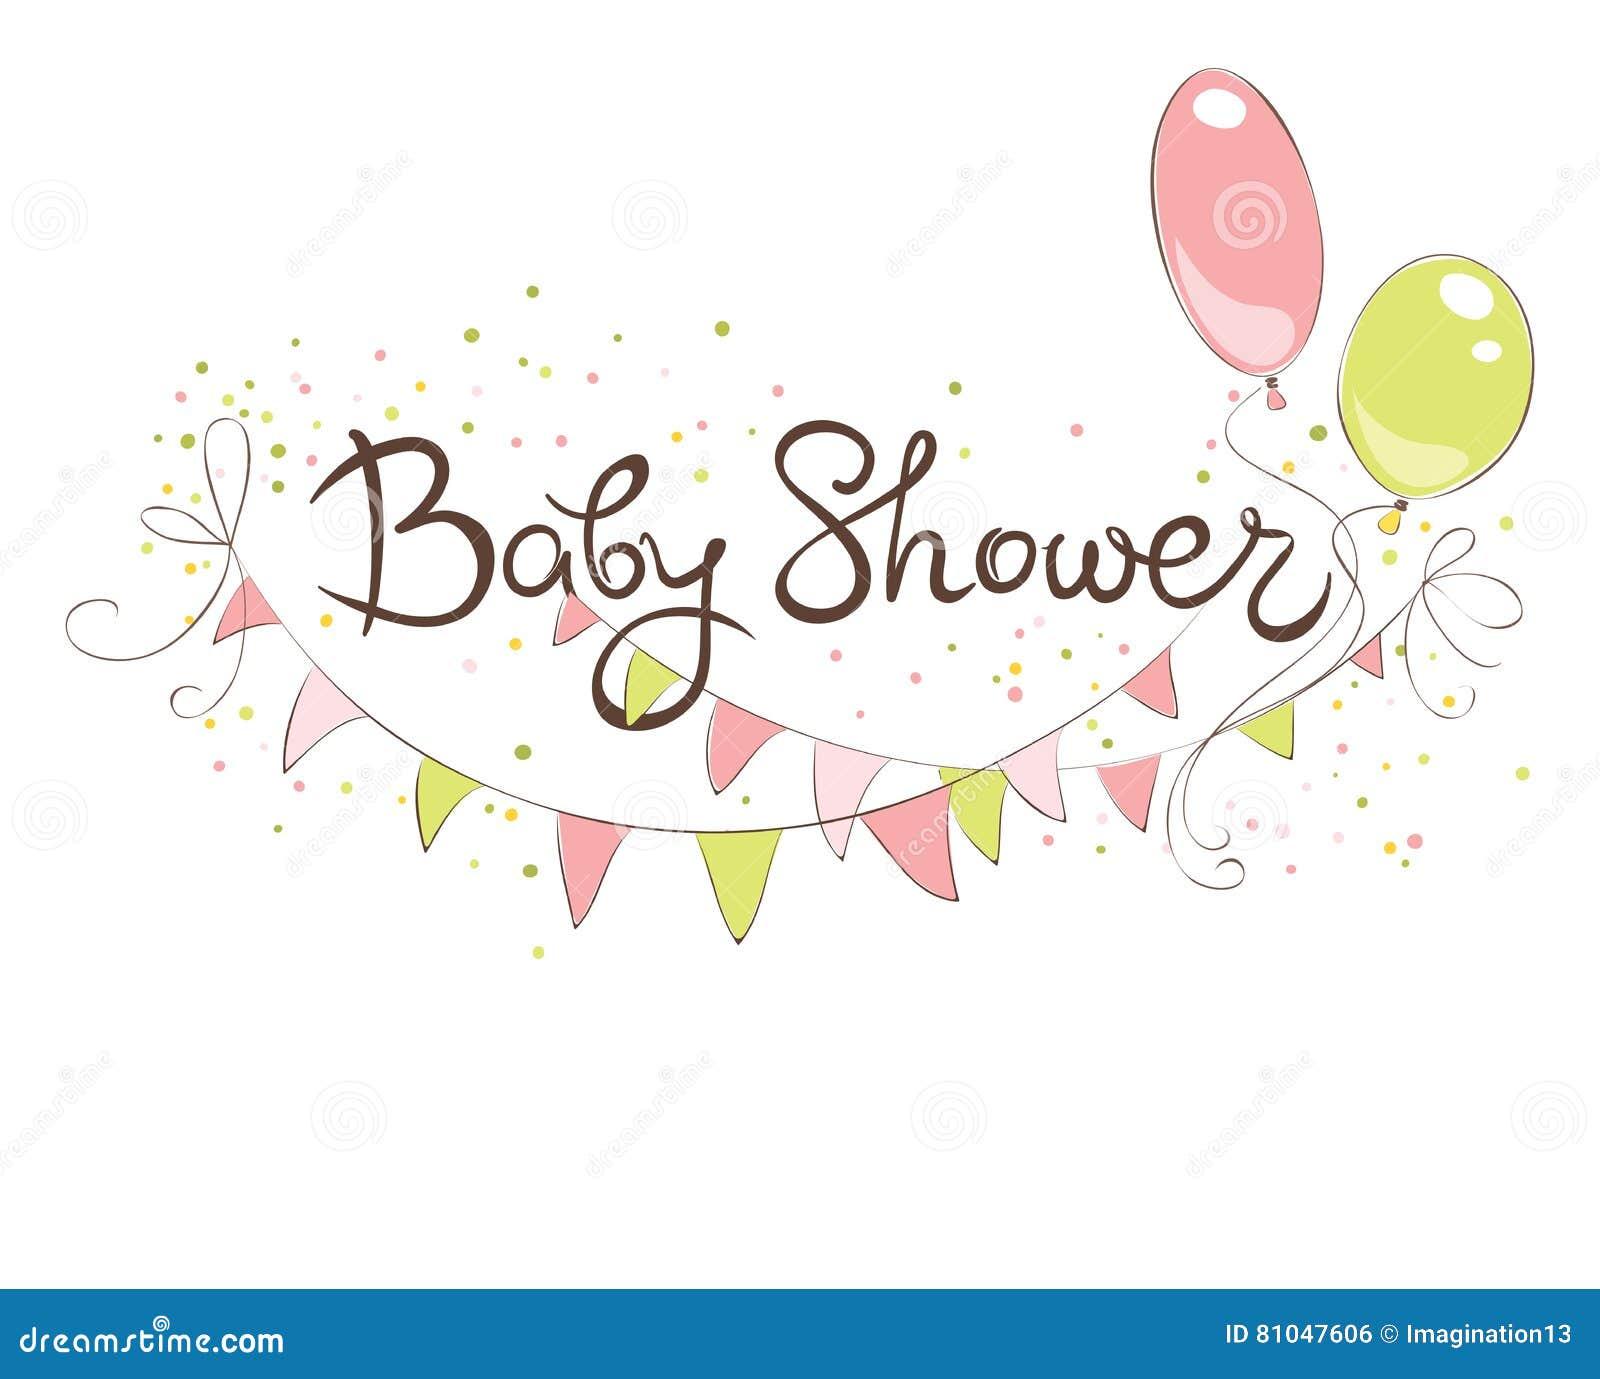 Baby Shower Banner For Girl Stock Vector Illustration Of Balloons